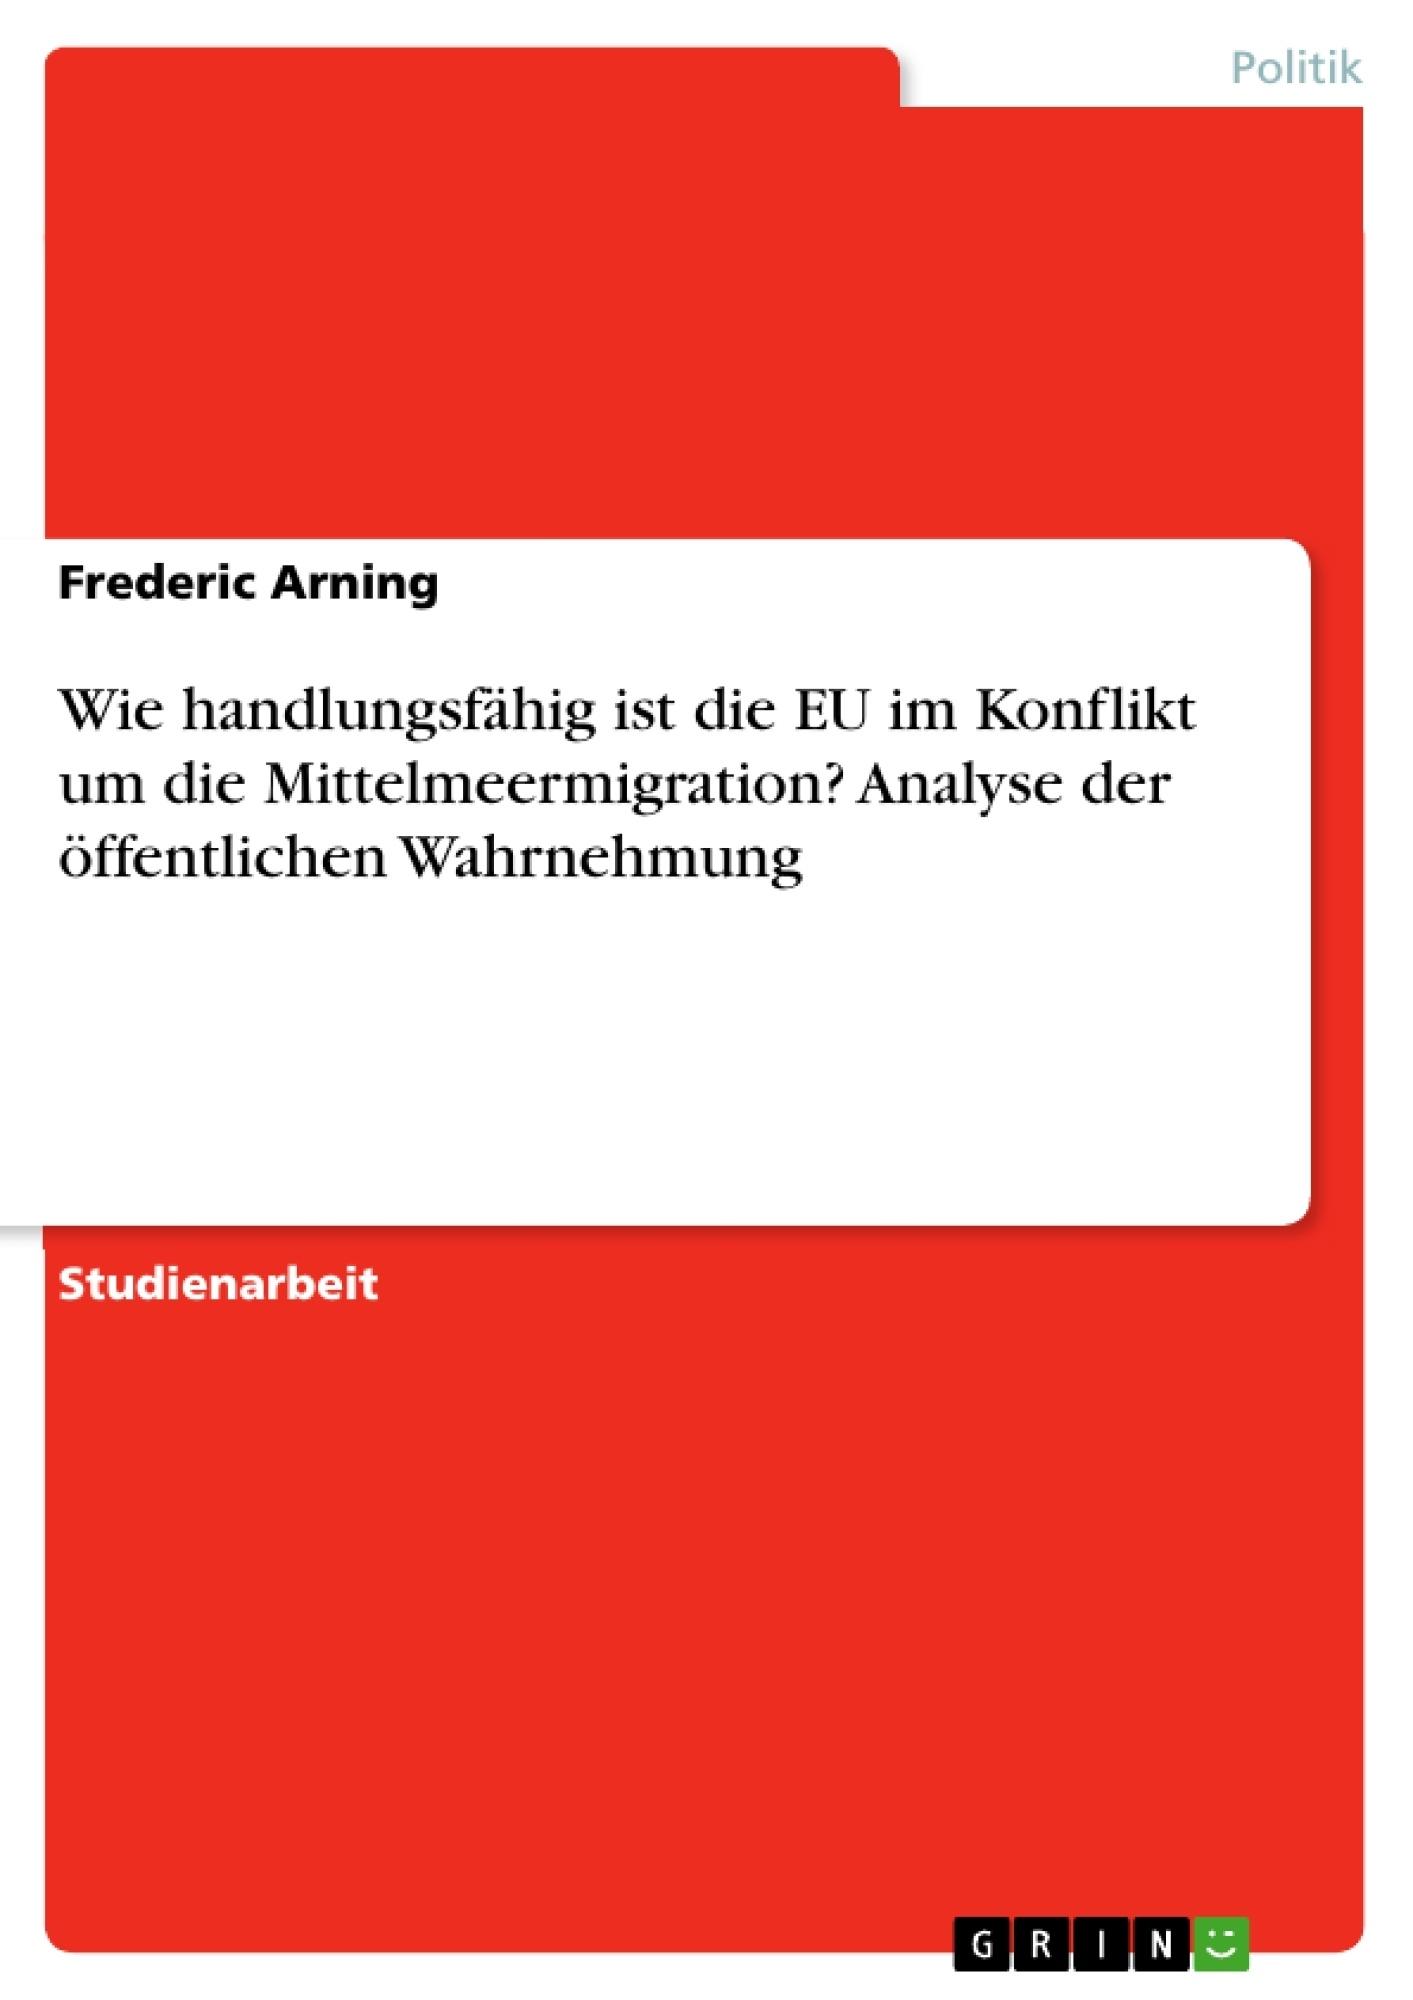 Titel: Wie handlungsfähig ist die EU im Konflikt um die Mittelmeermigration? Analyse der öffentlichen Wahrnehmung